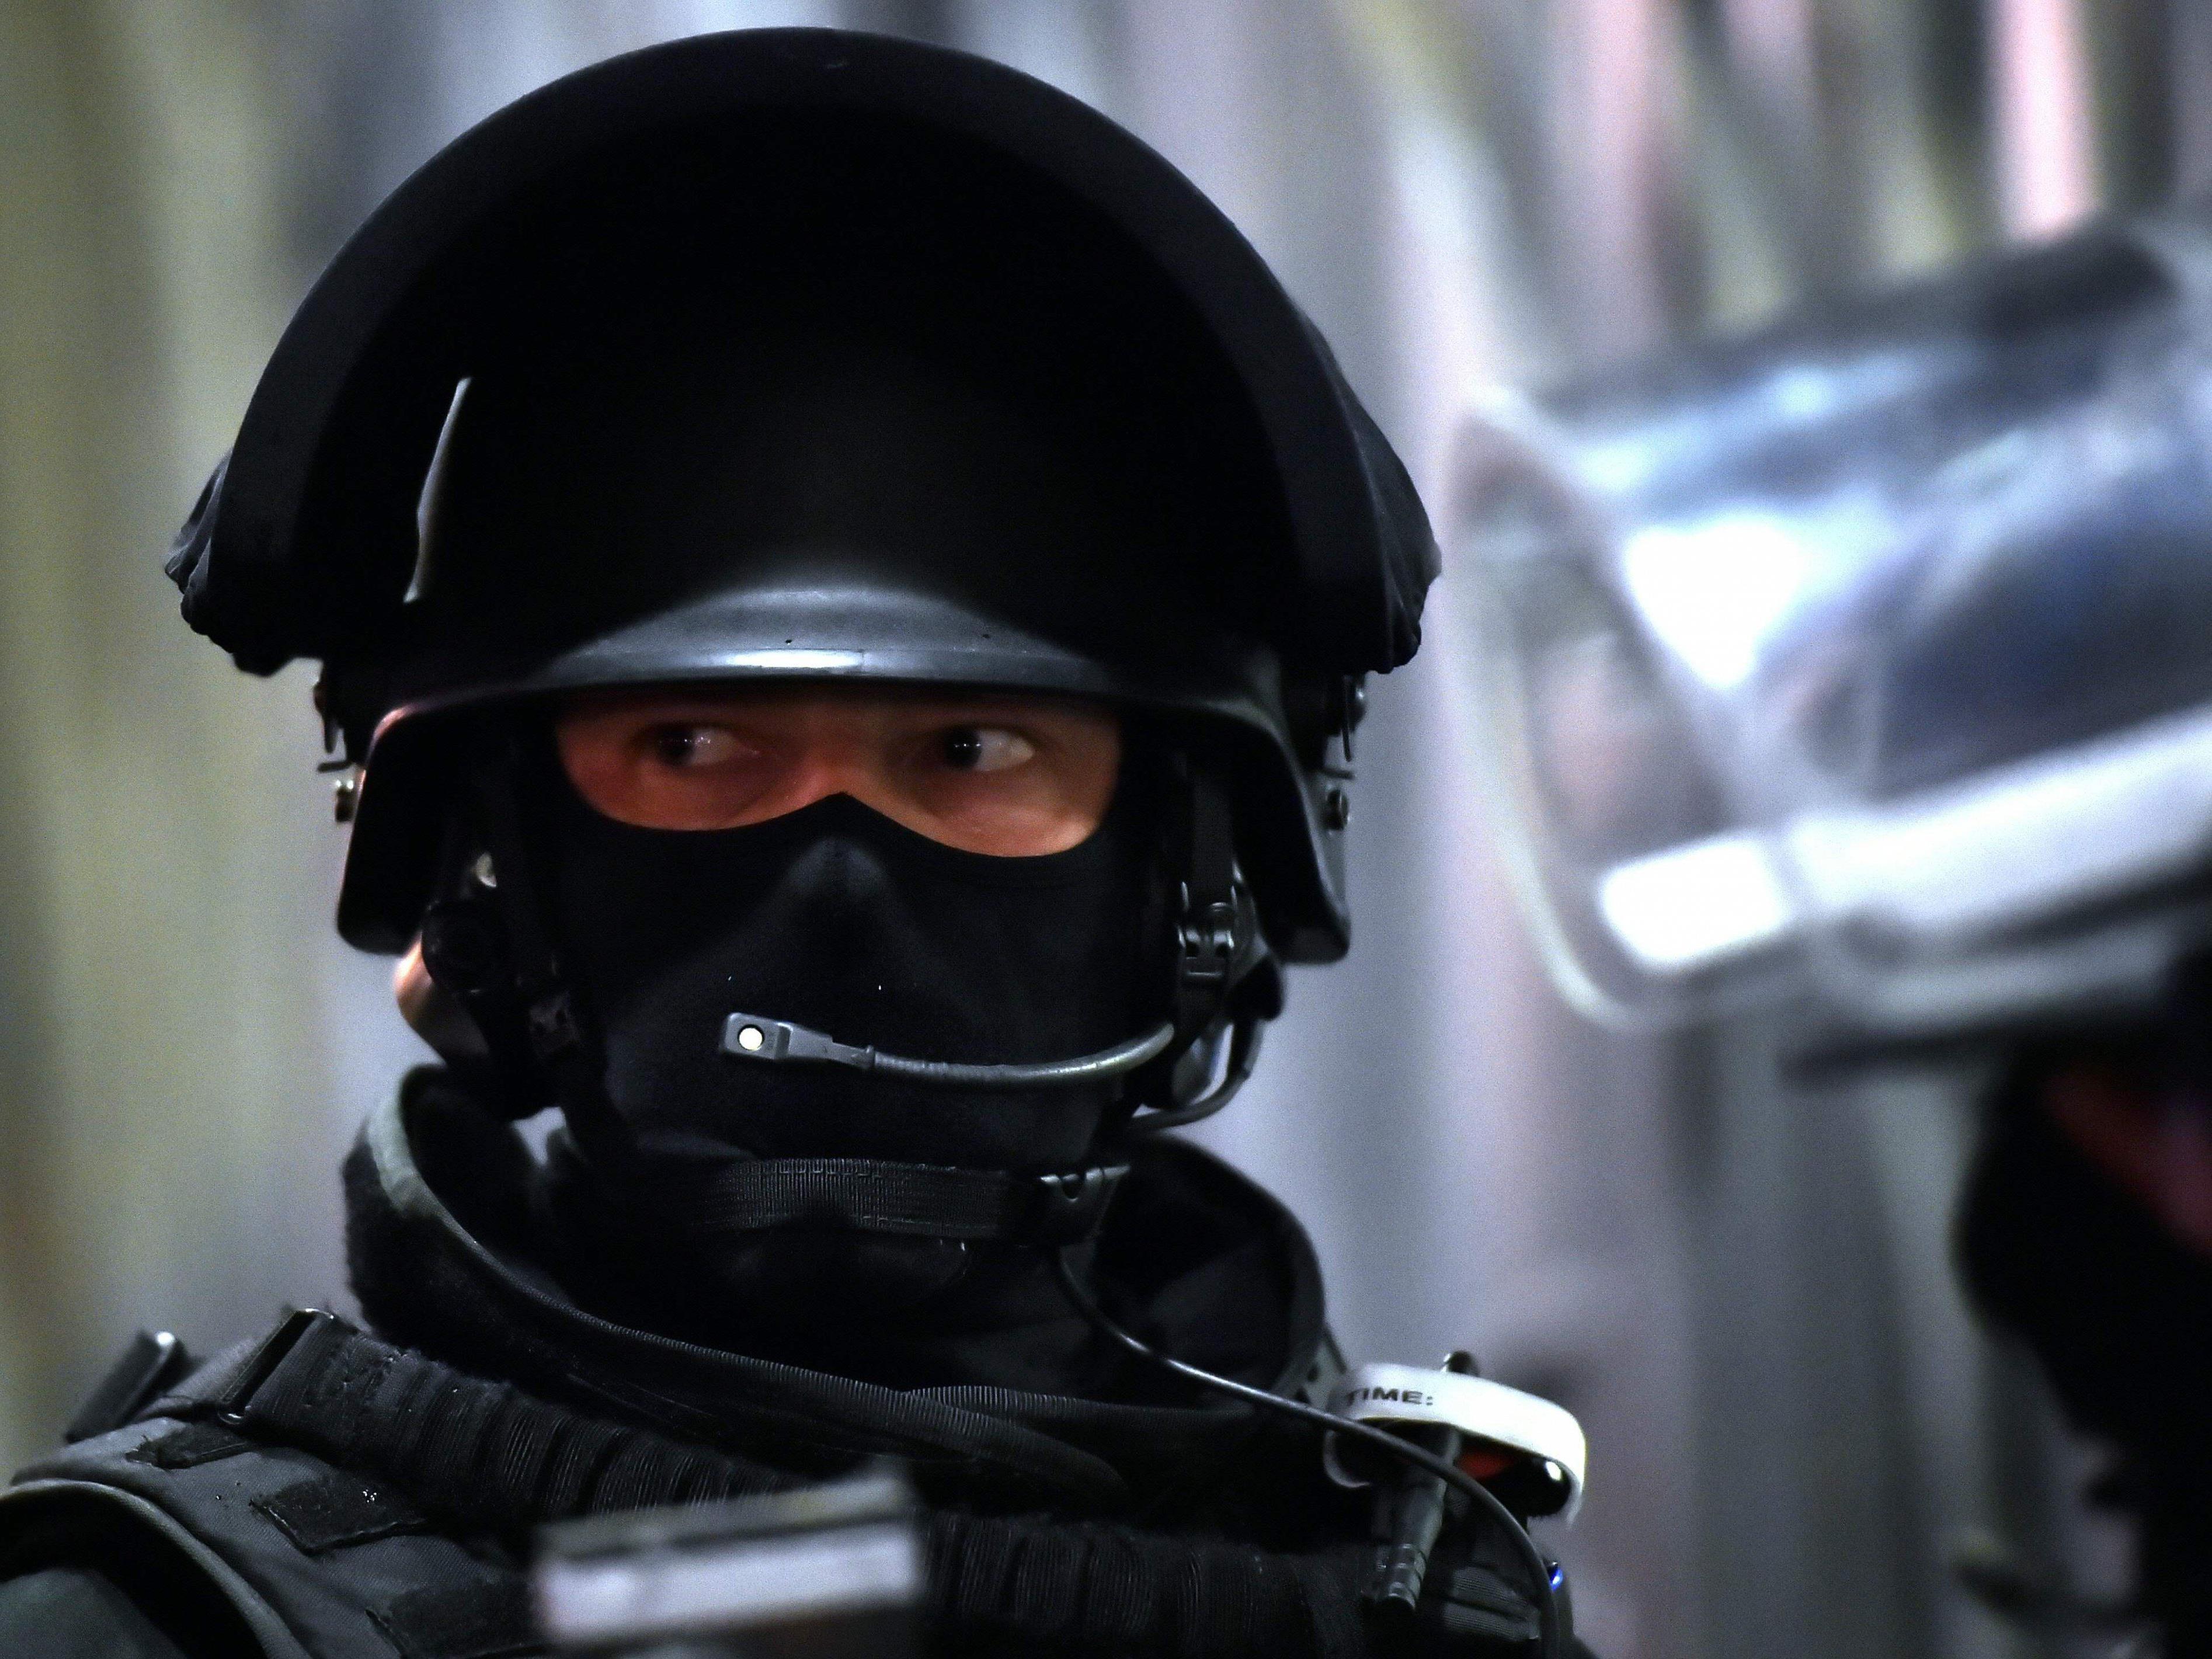 Erweiterte Befugnisse für Polizei sollen um zwei Monate ausgedehnt werden.